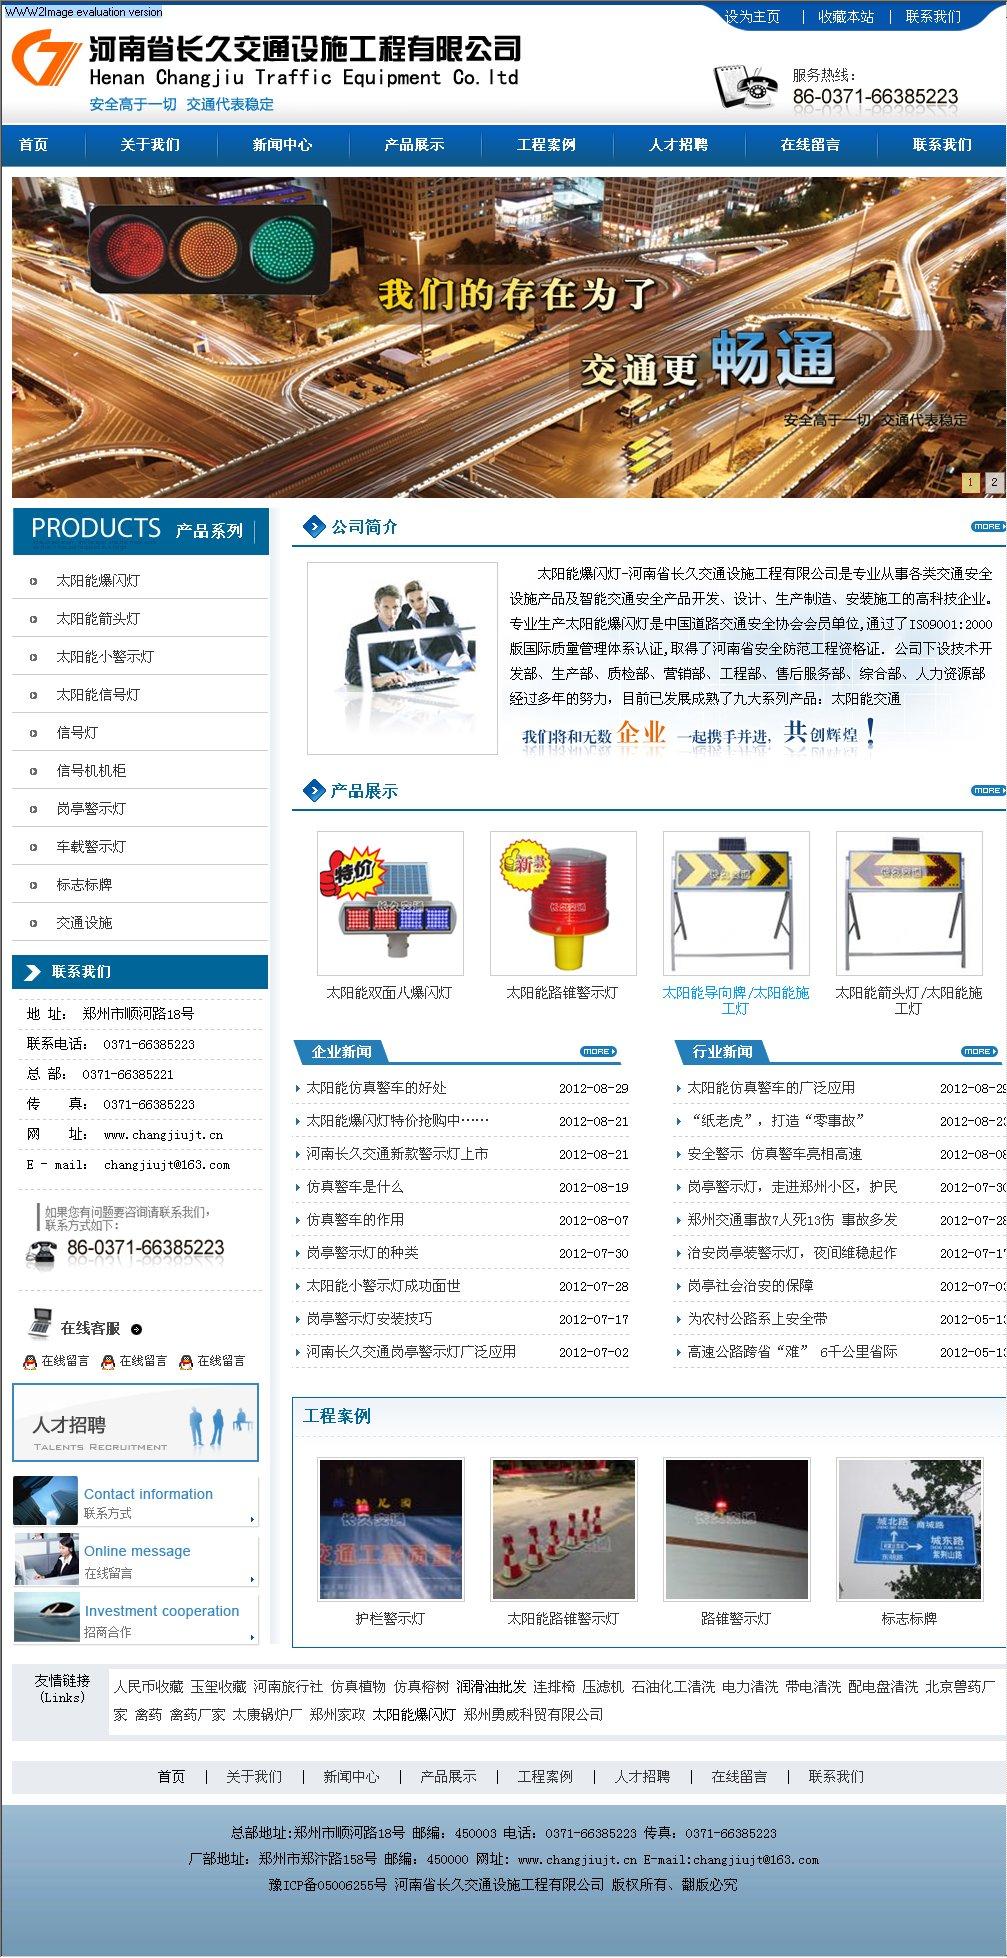 河南省长久交通设施工程有限公司.jpg